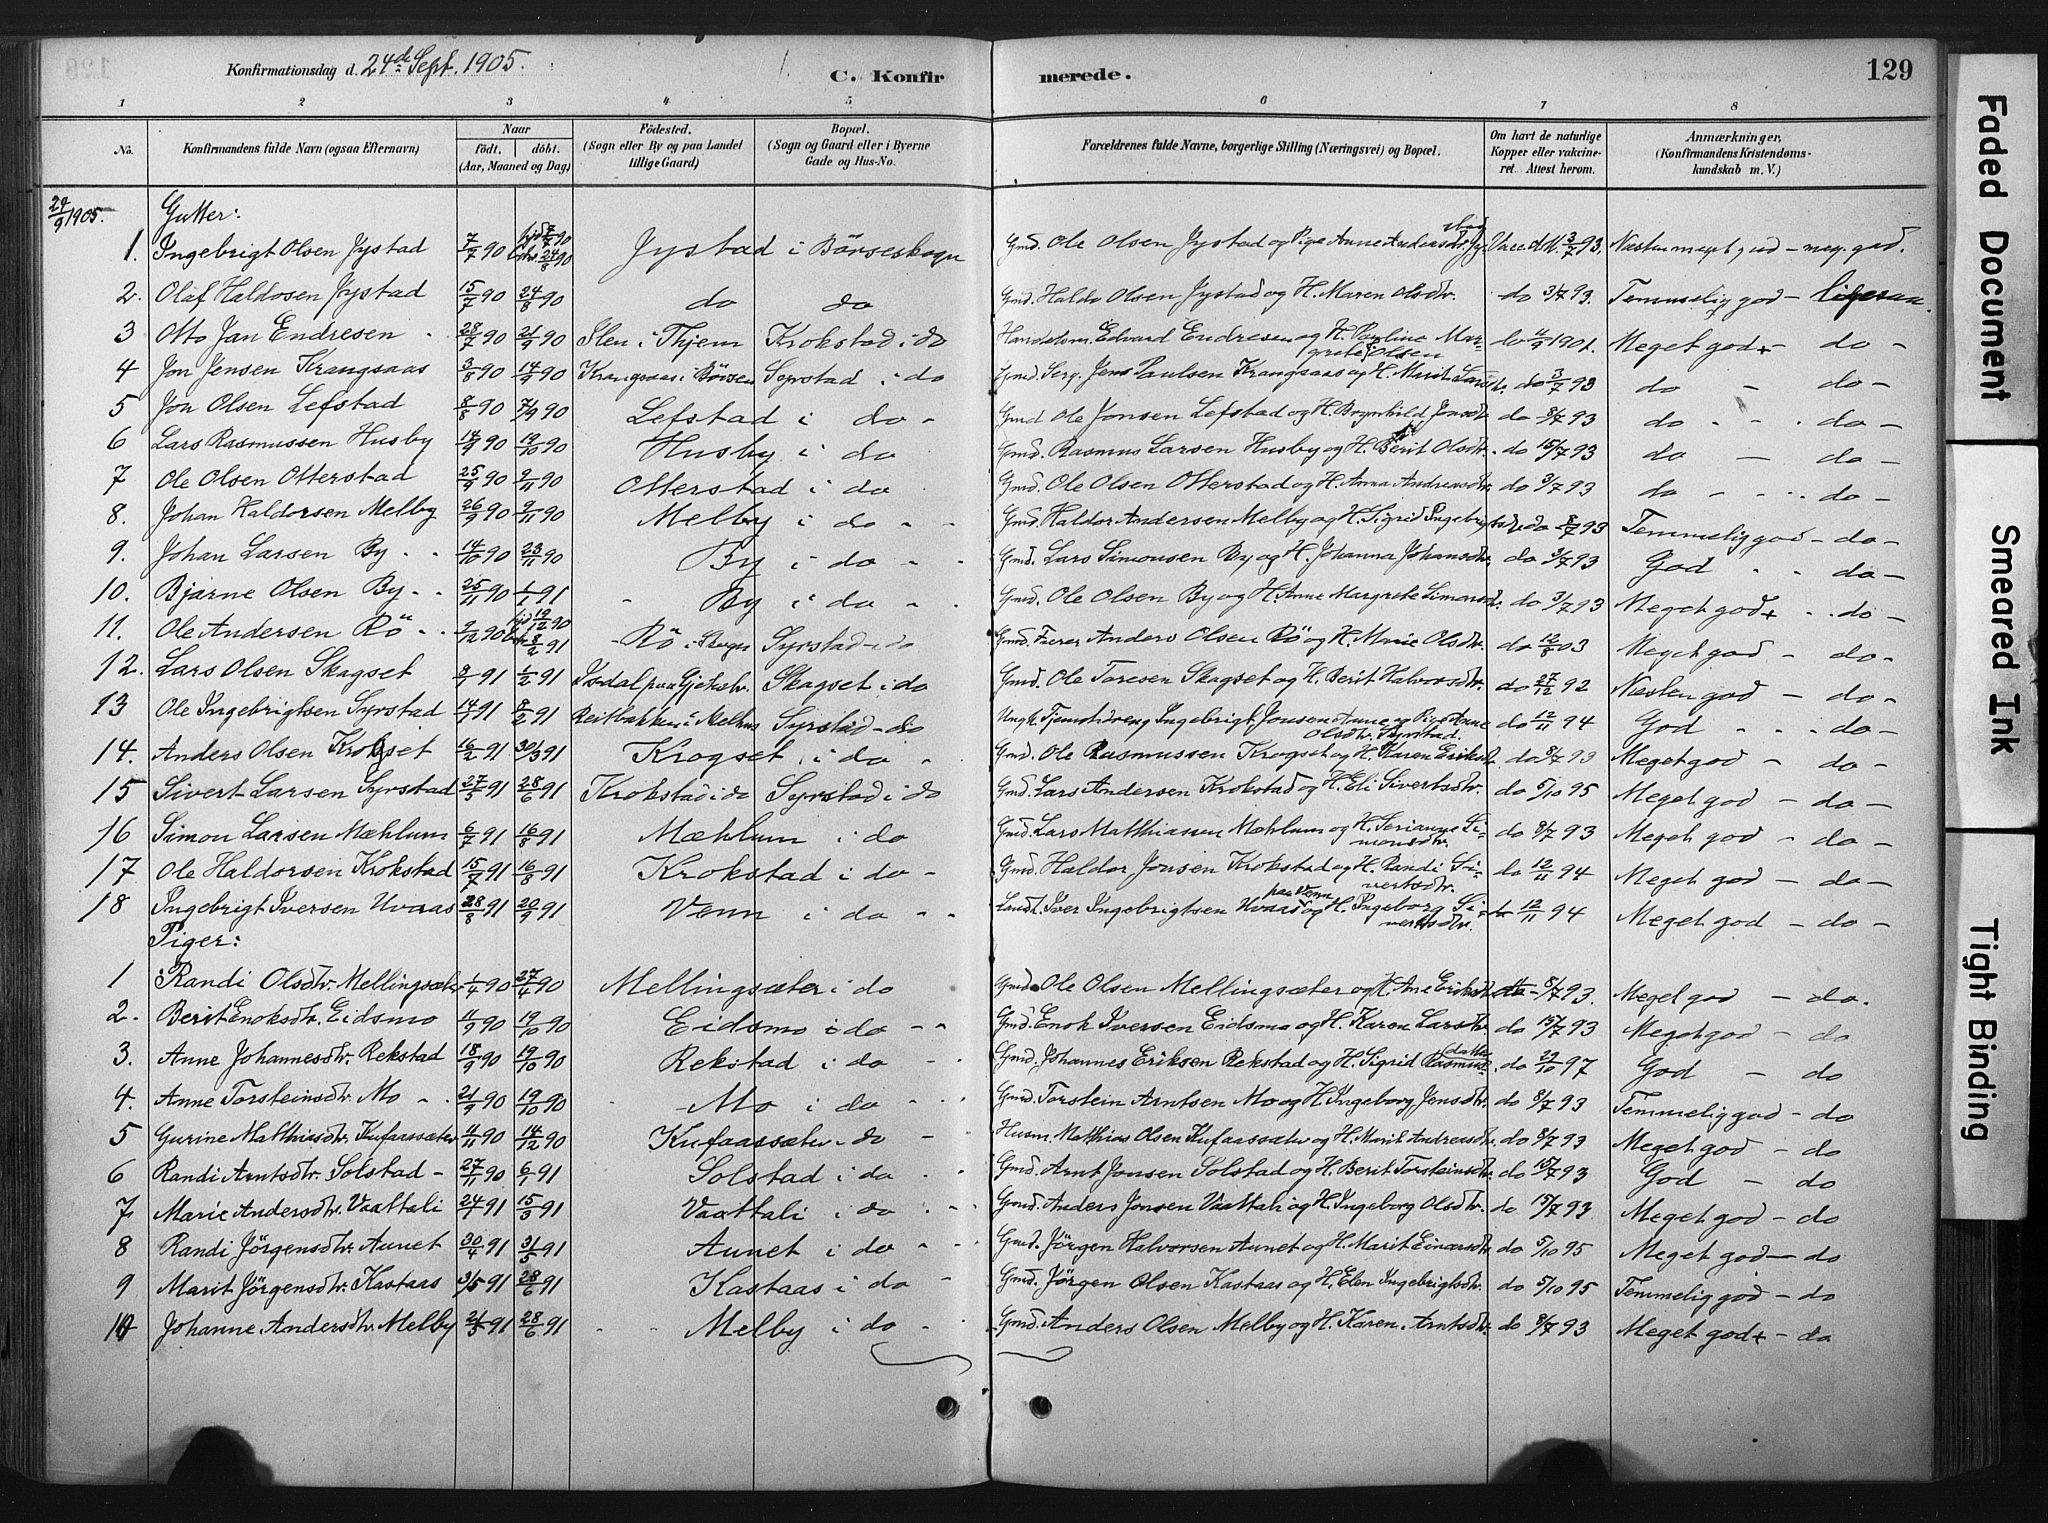 SAT, Ministerialprotokoller, klokkerbøker og fødselsregistre - Sør-Trøndelag, 667/L0795: Ministerialbok nr. 667A03, 1879-1907, s. 129